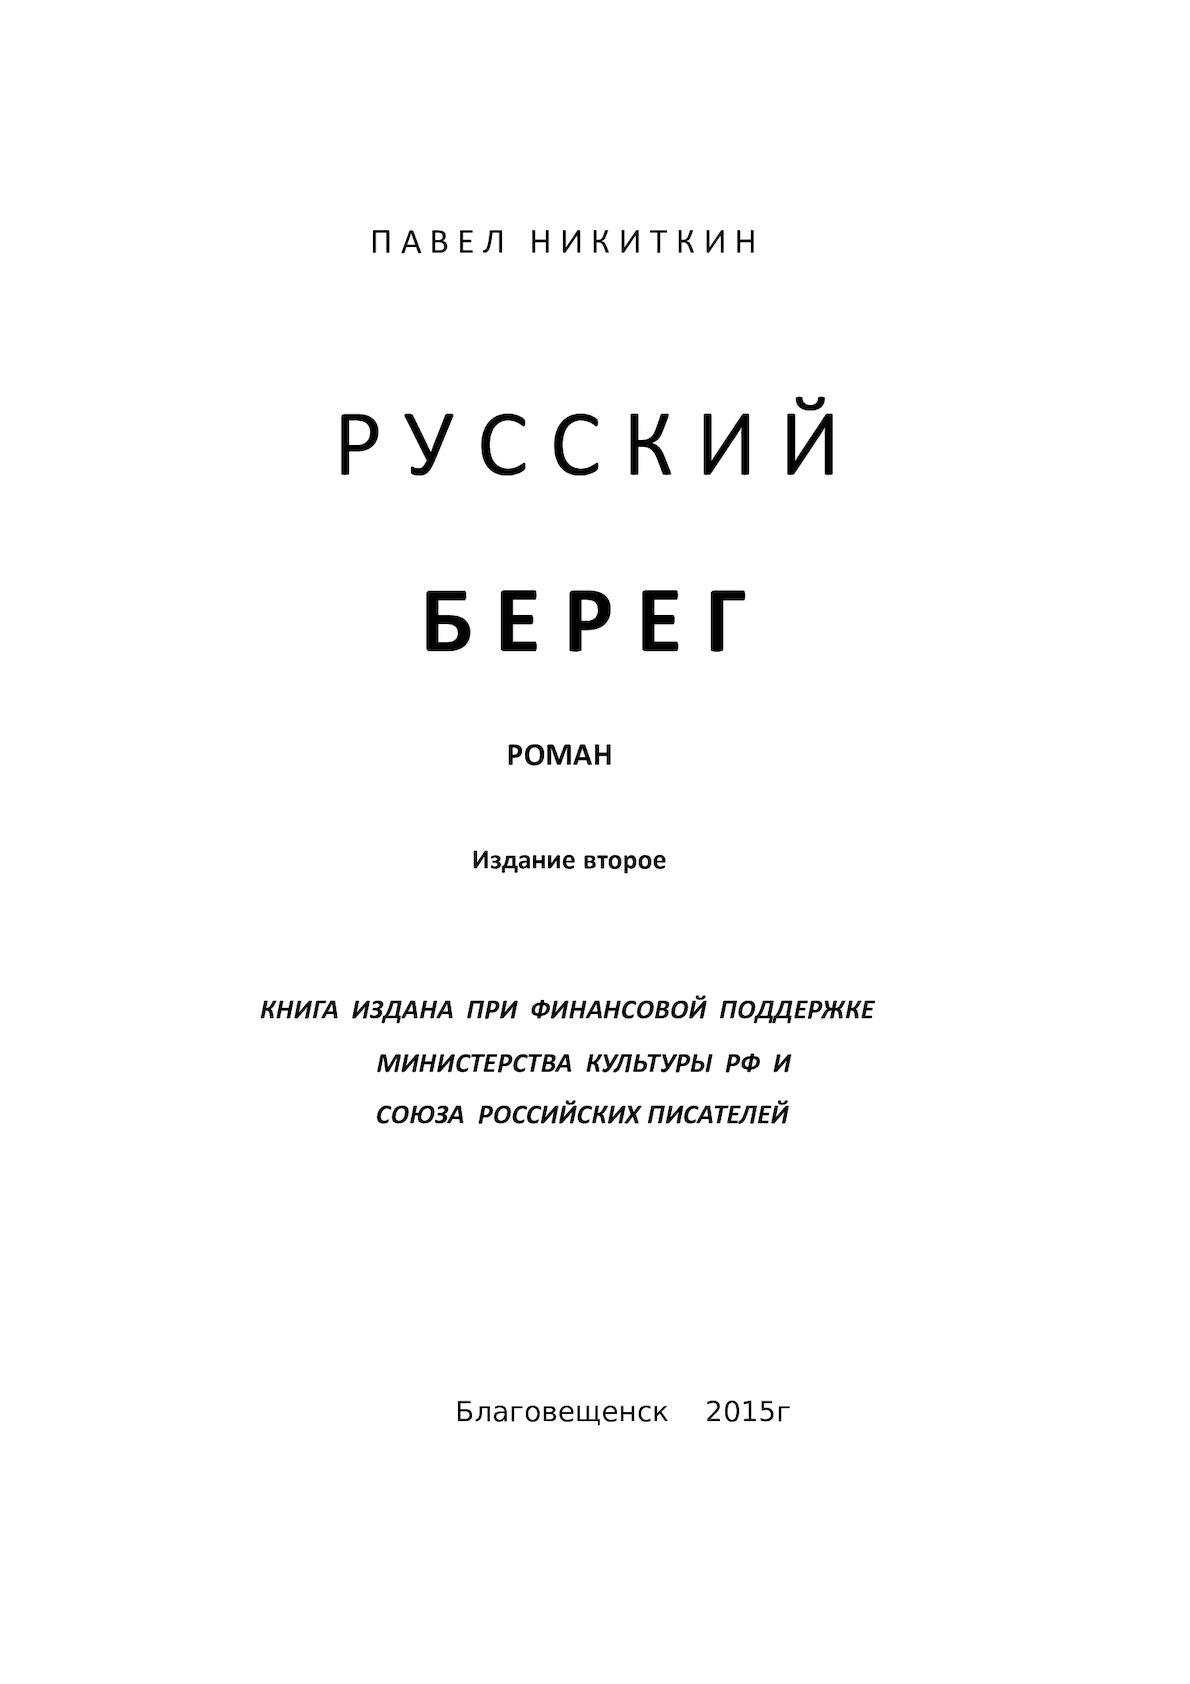 Calaméo - Павел Никиткин - «Русский берег» 2cfb046daad